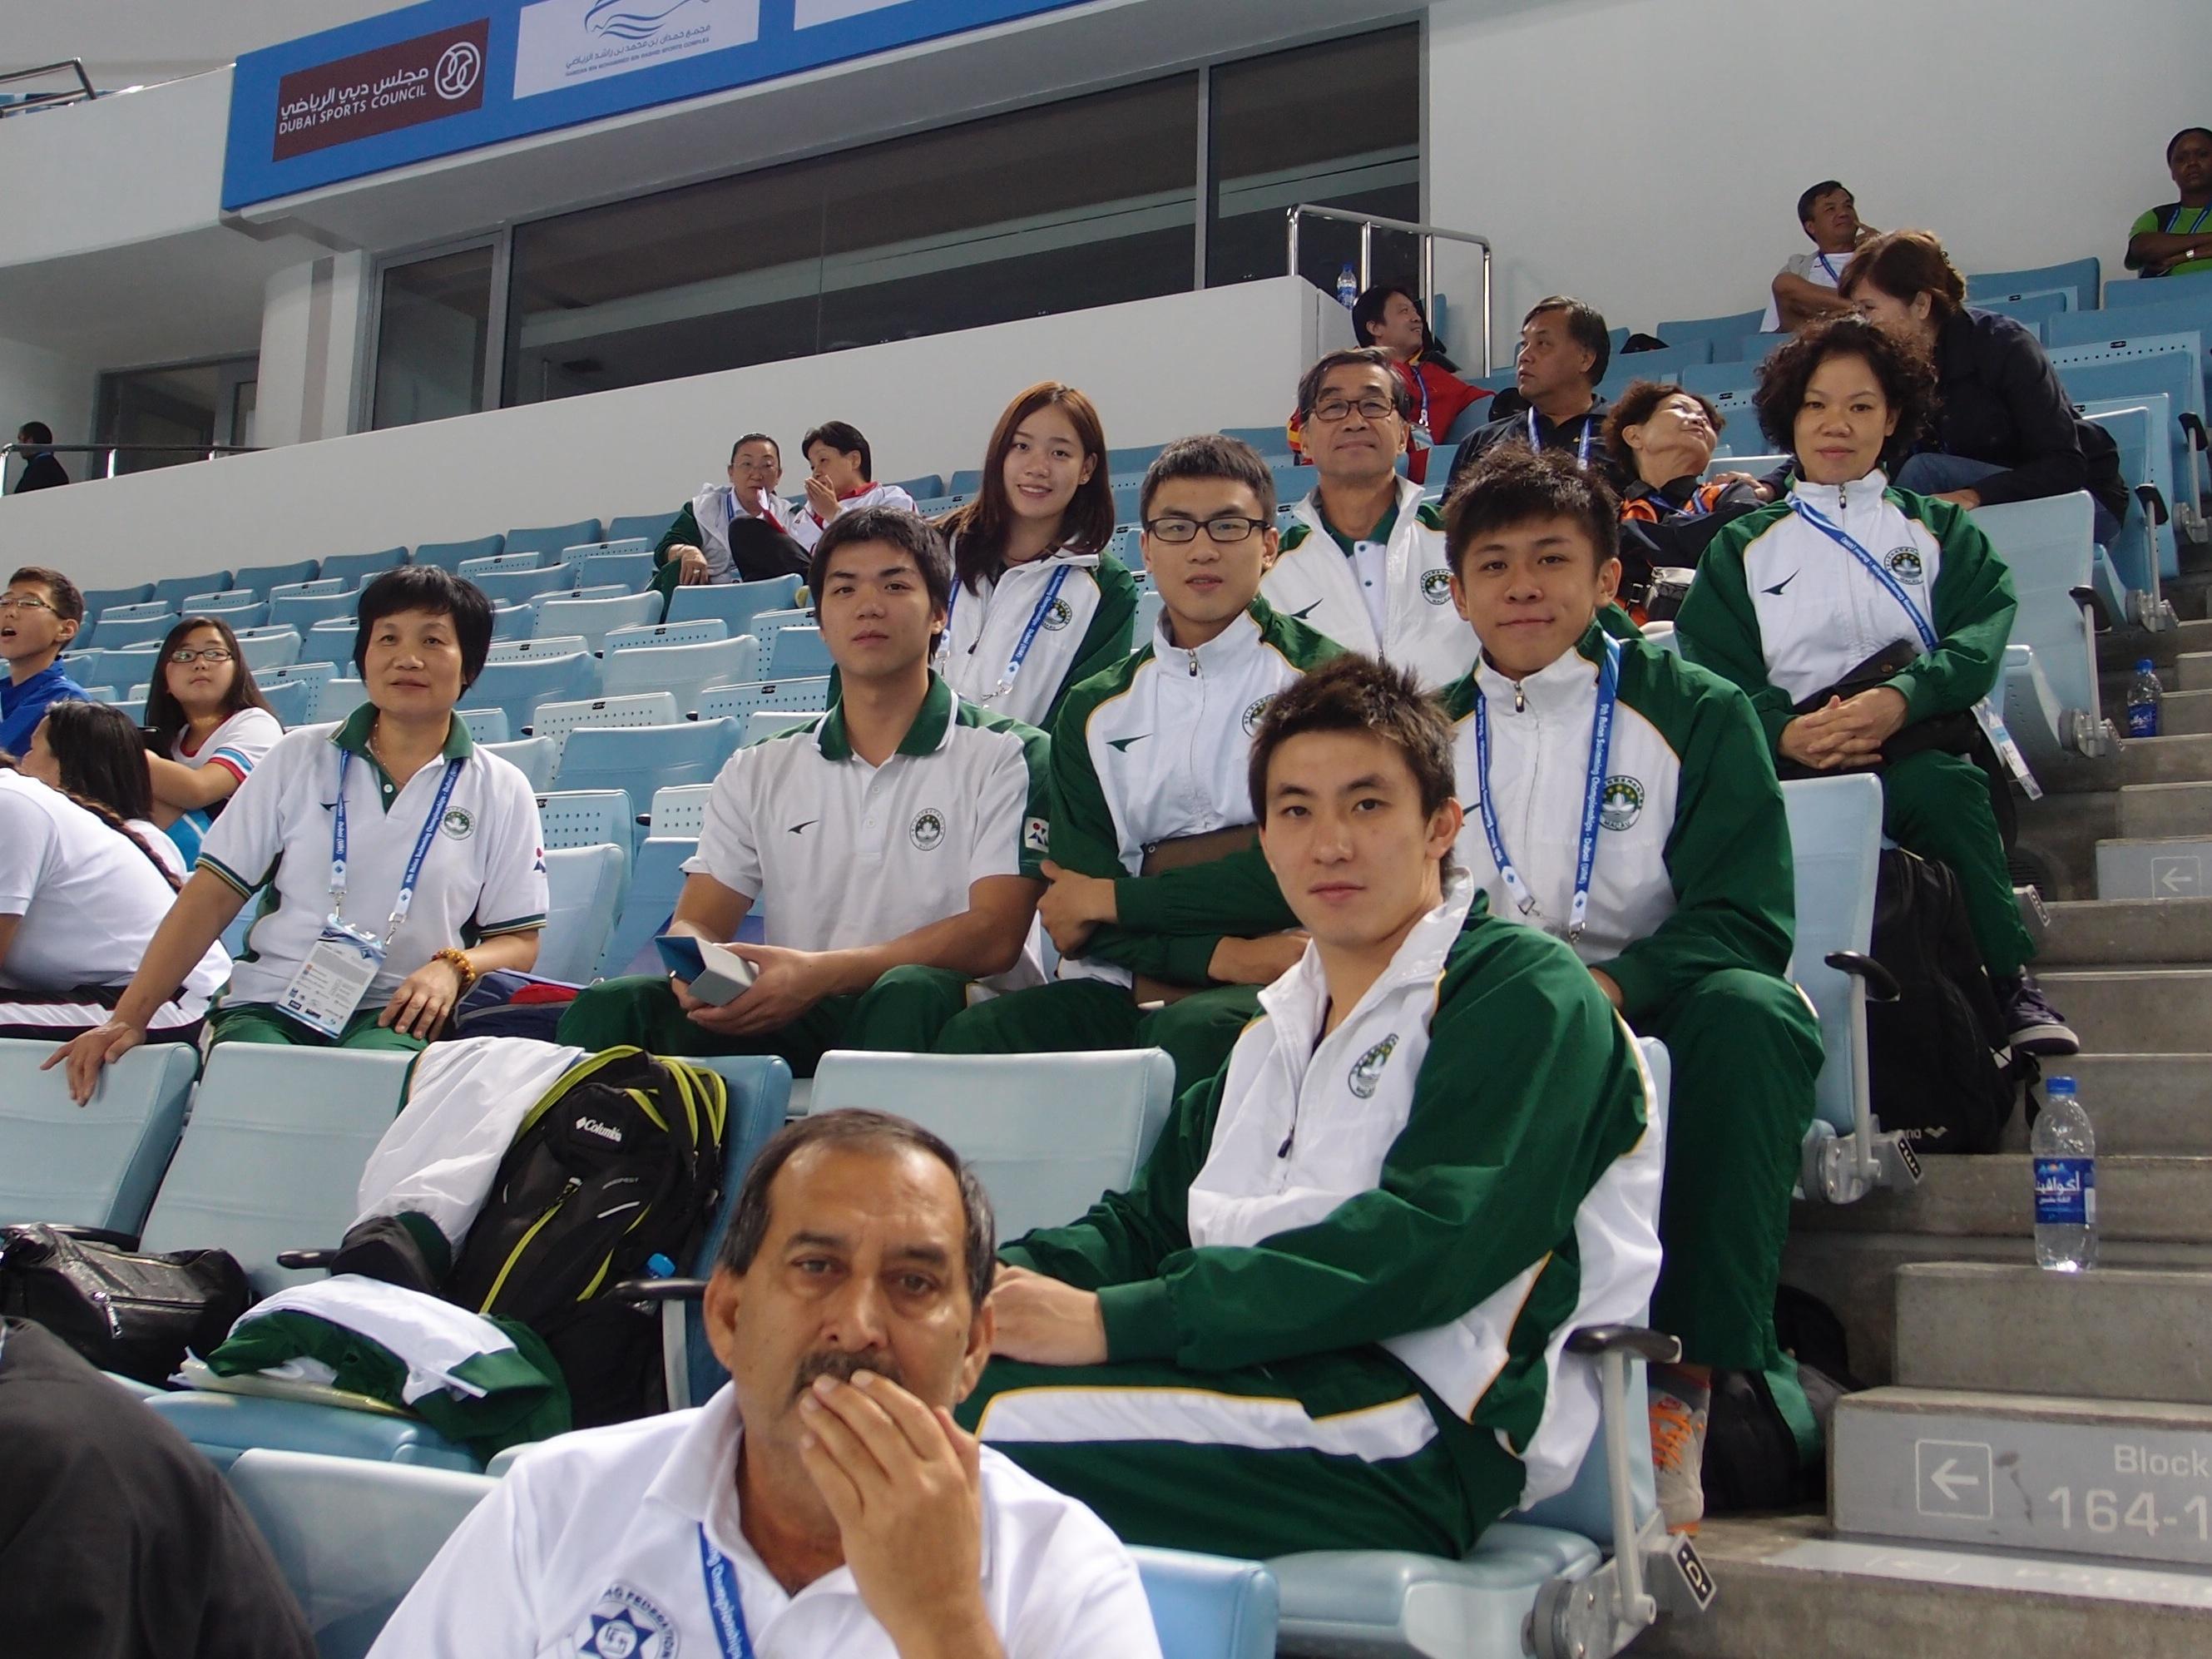 游泳代表團團長麥志權、應静莉教練、李富嬋教練及代表隊運動員在觀眾席為澳門女子接力隊打氣。